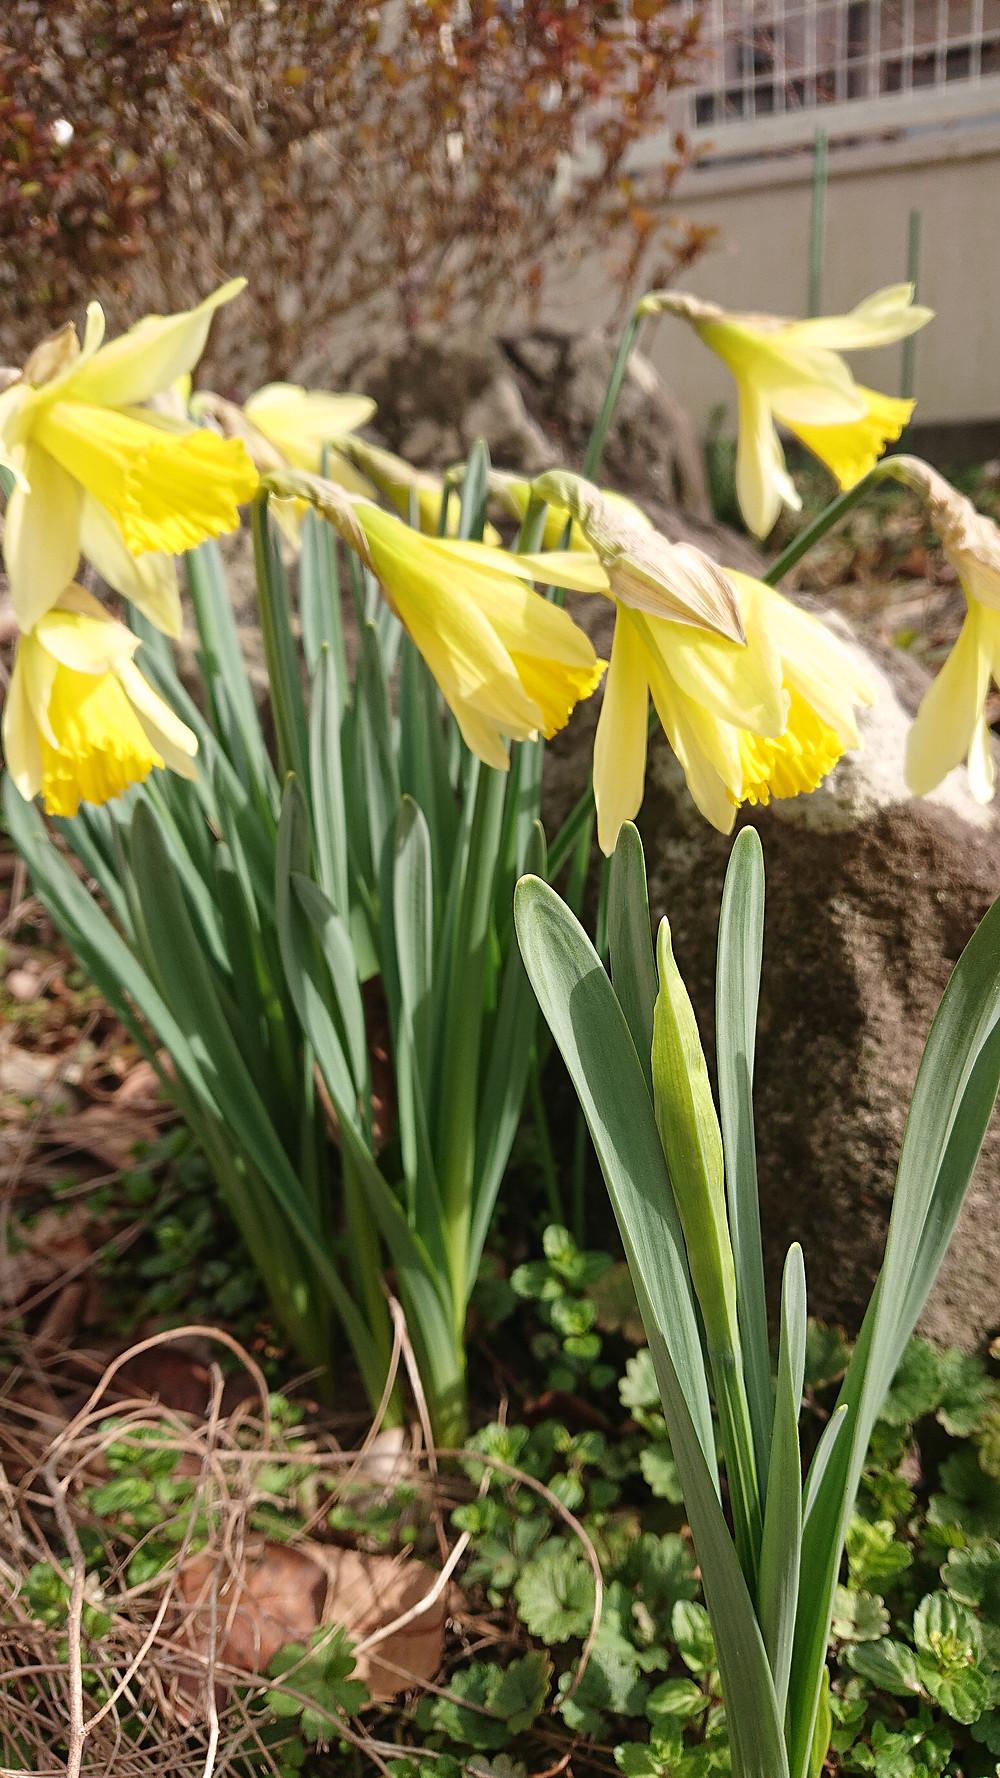 仙台、くびれ、女性専門整体院、水仙が咲きました